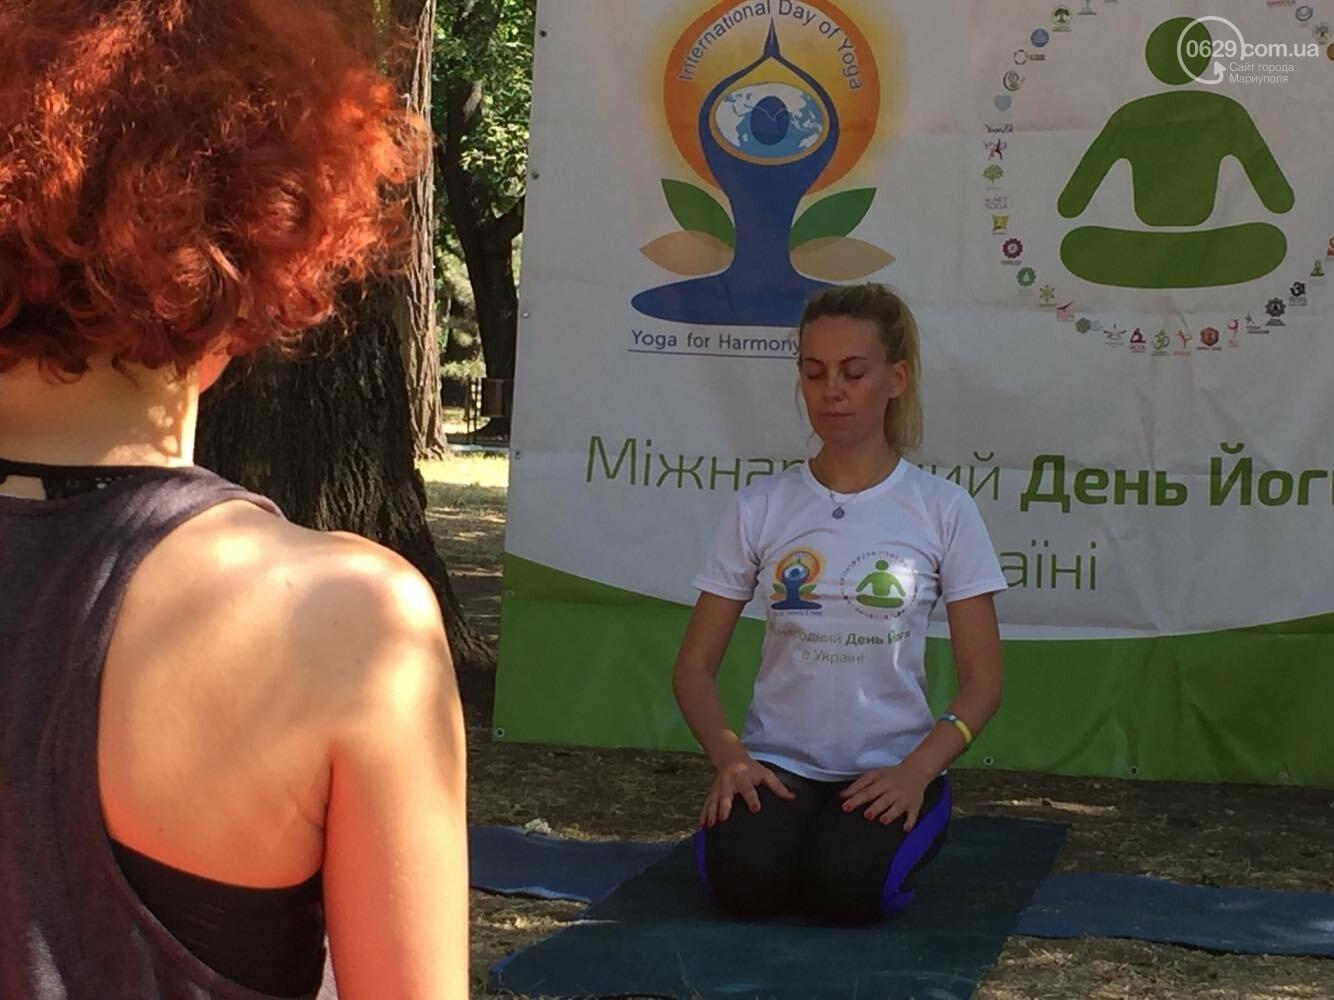 В Мариуполе отпраздновали Международный День йоги, - ФОТО, ВИДЕО, фото-2